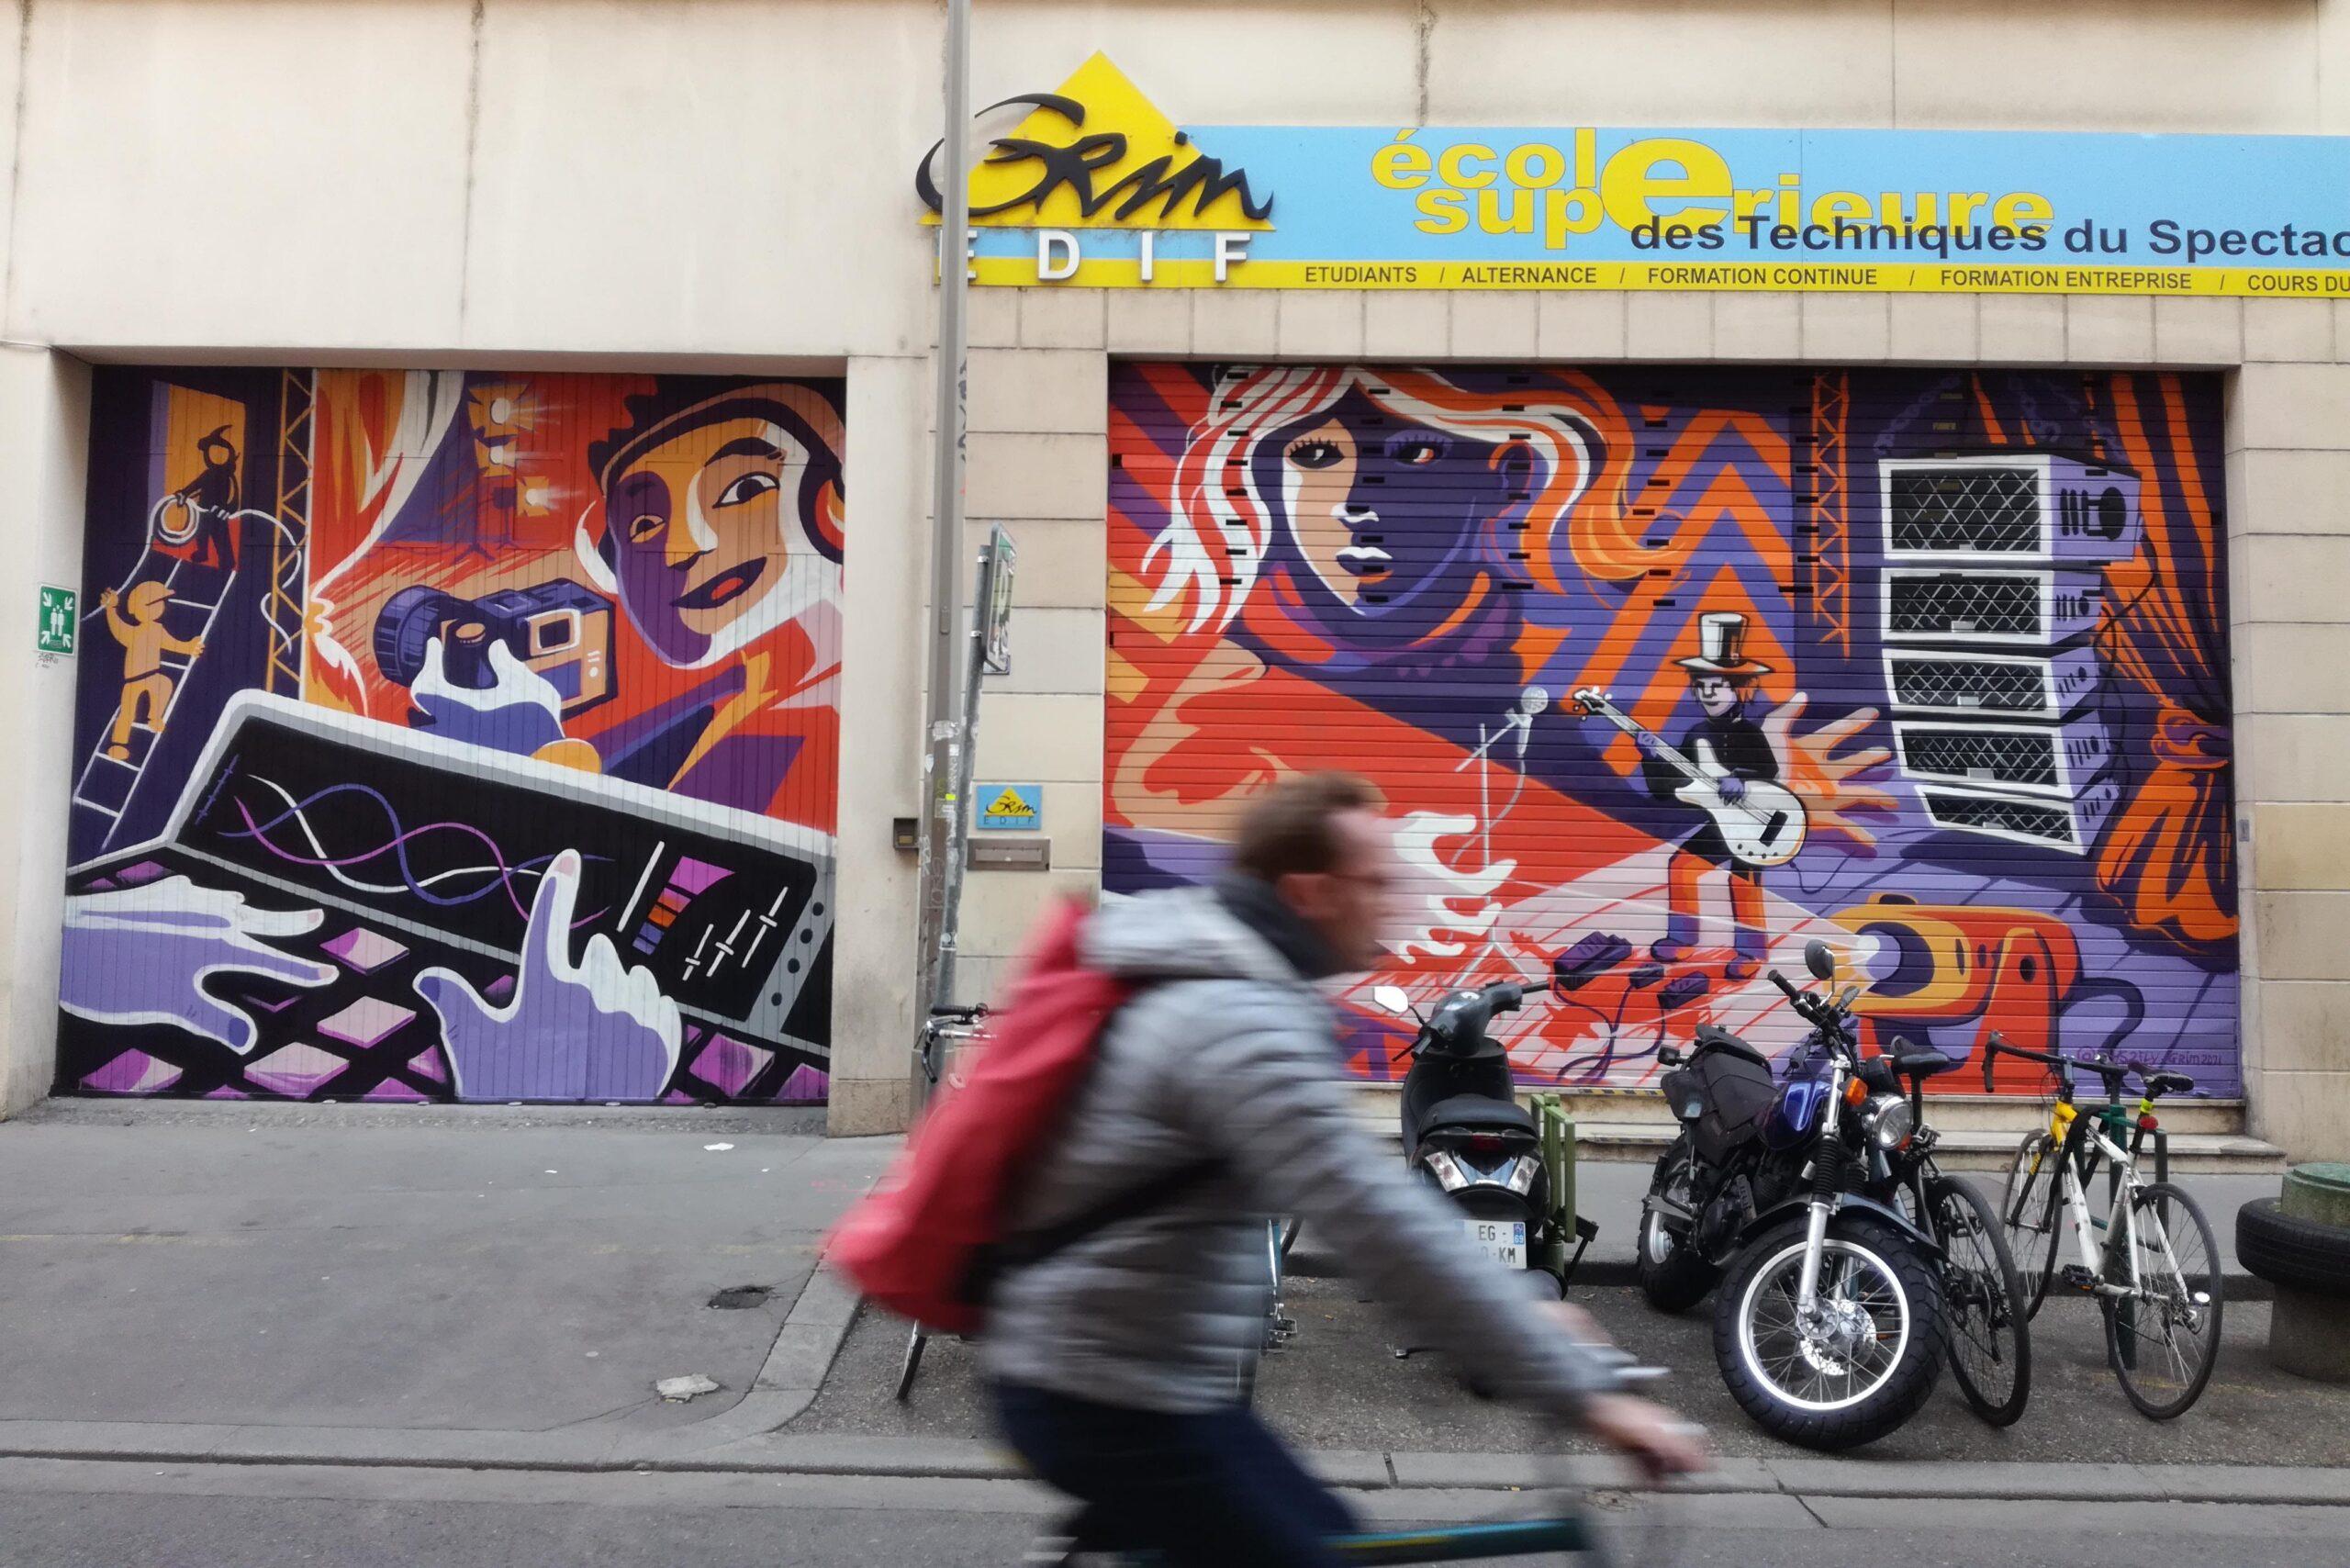 décoration murale street-art lyon - grim école de formation supérieure du spectacle, ingénieurie son et lumière - abys²fly - graffiti urbanart illustration